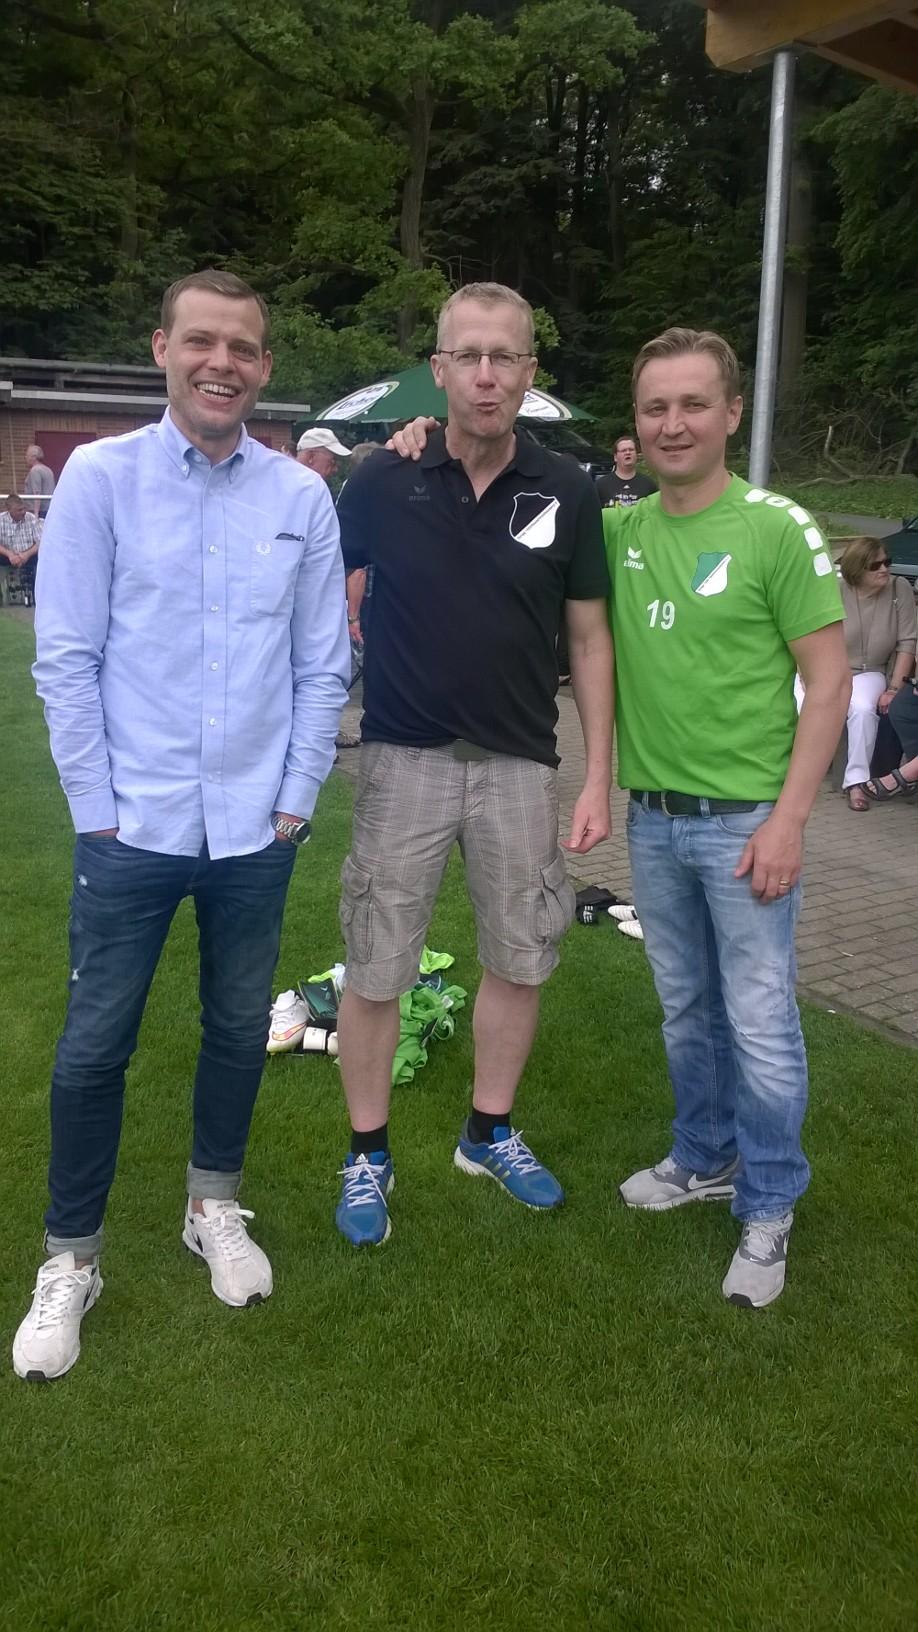 Andy Froese, Dirk und Dragan - Spieler der ersten Tage unter sich